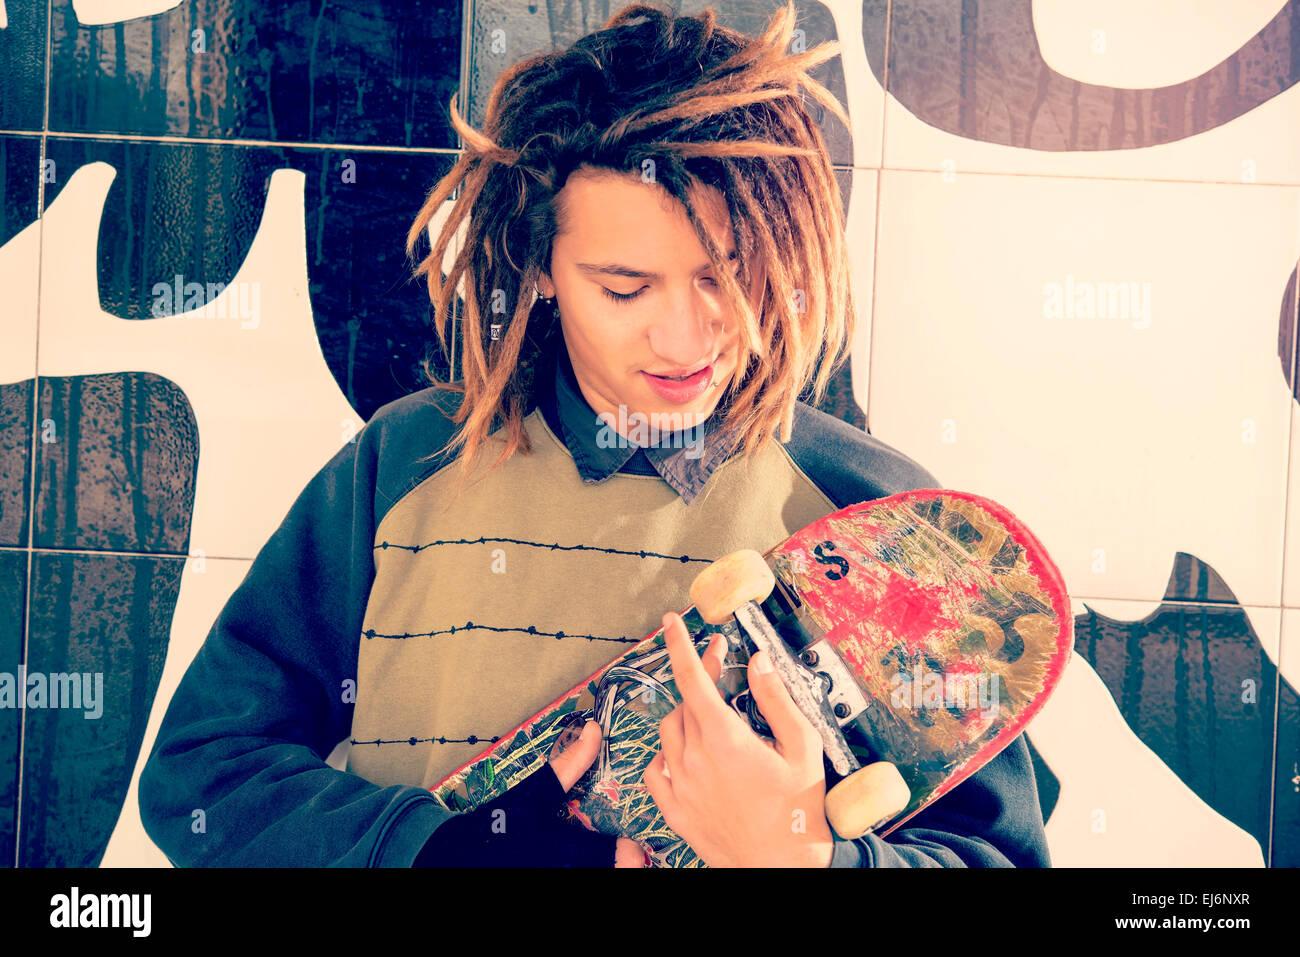 Ritratto di giovane ragazzo con skate e capelli rasta in un concetto di stile di vita caldo filtro applicato Immagini Stock